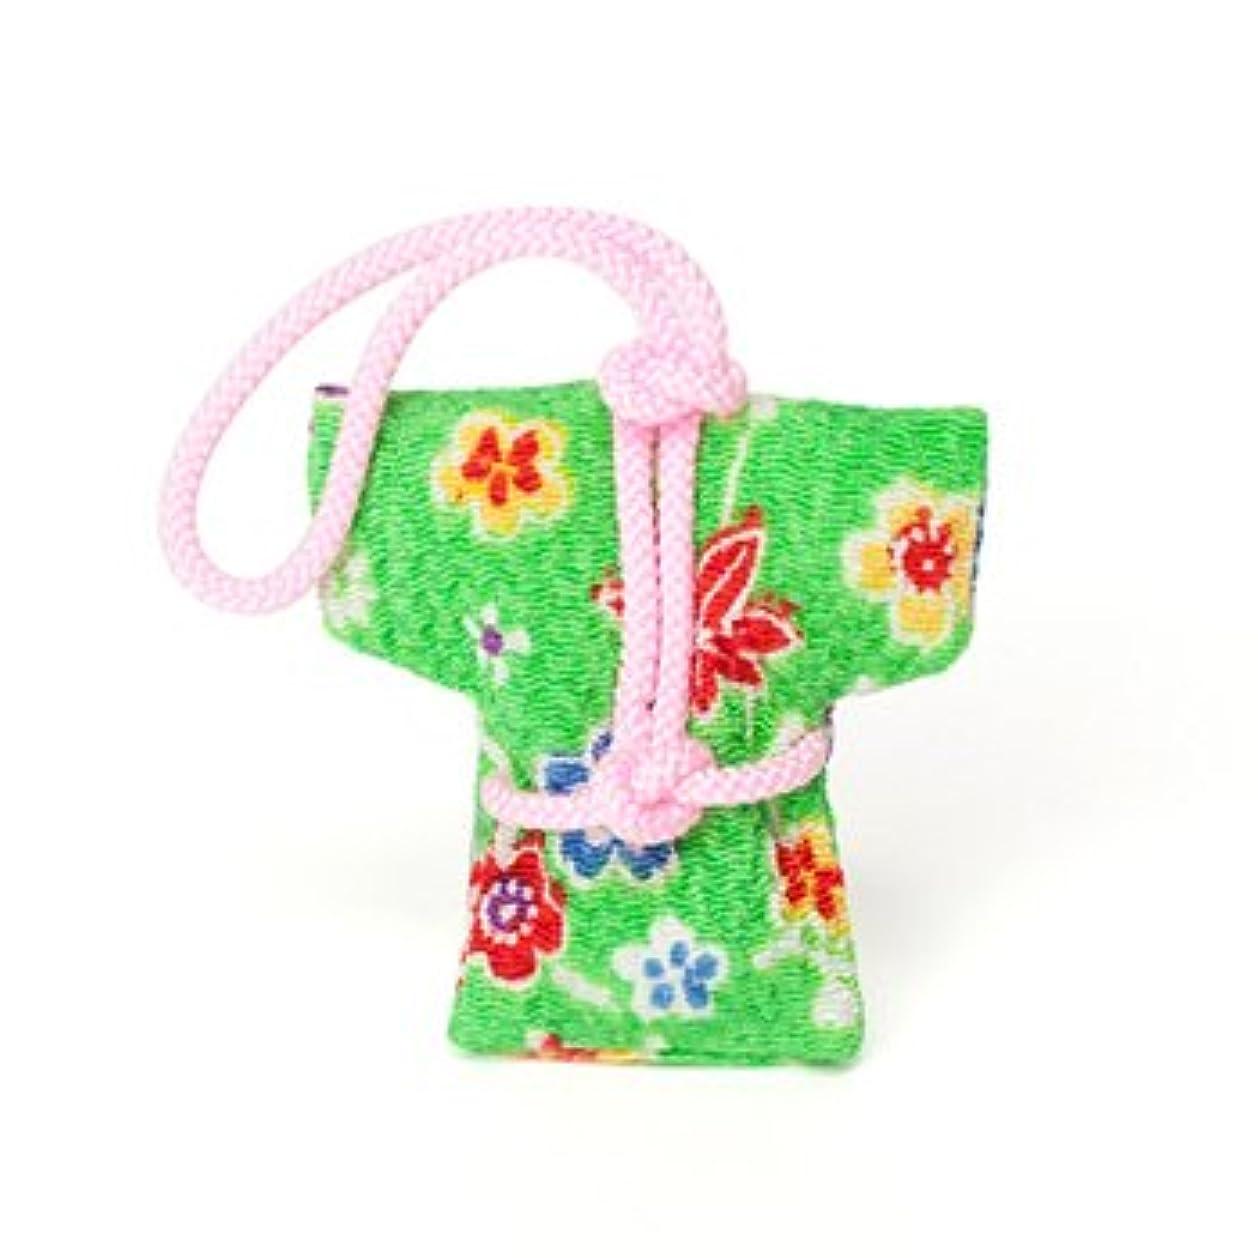 水平志すスポンジ匂い袋 誰が袖 やっこさん 1個入 ケースなし (色?柄は選べません)